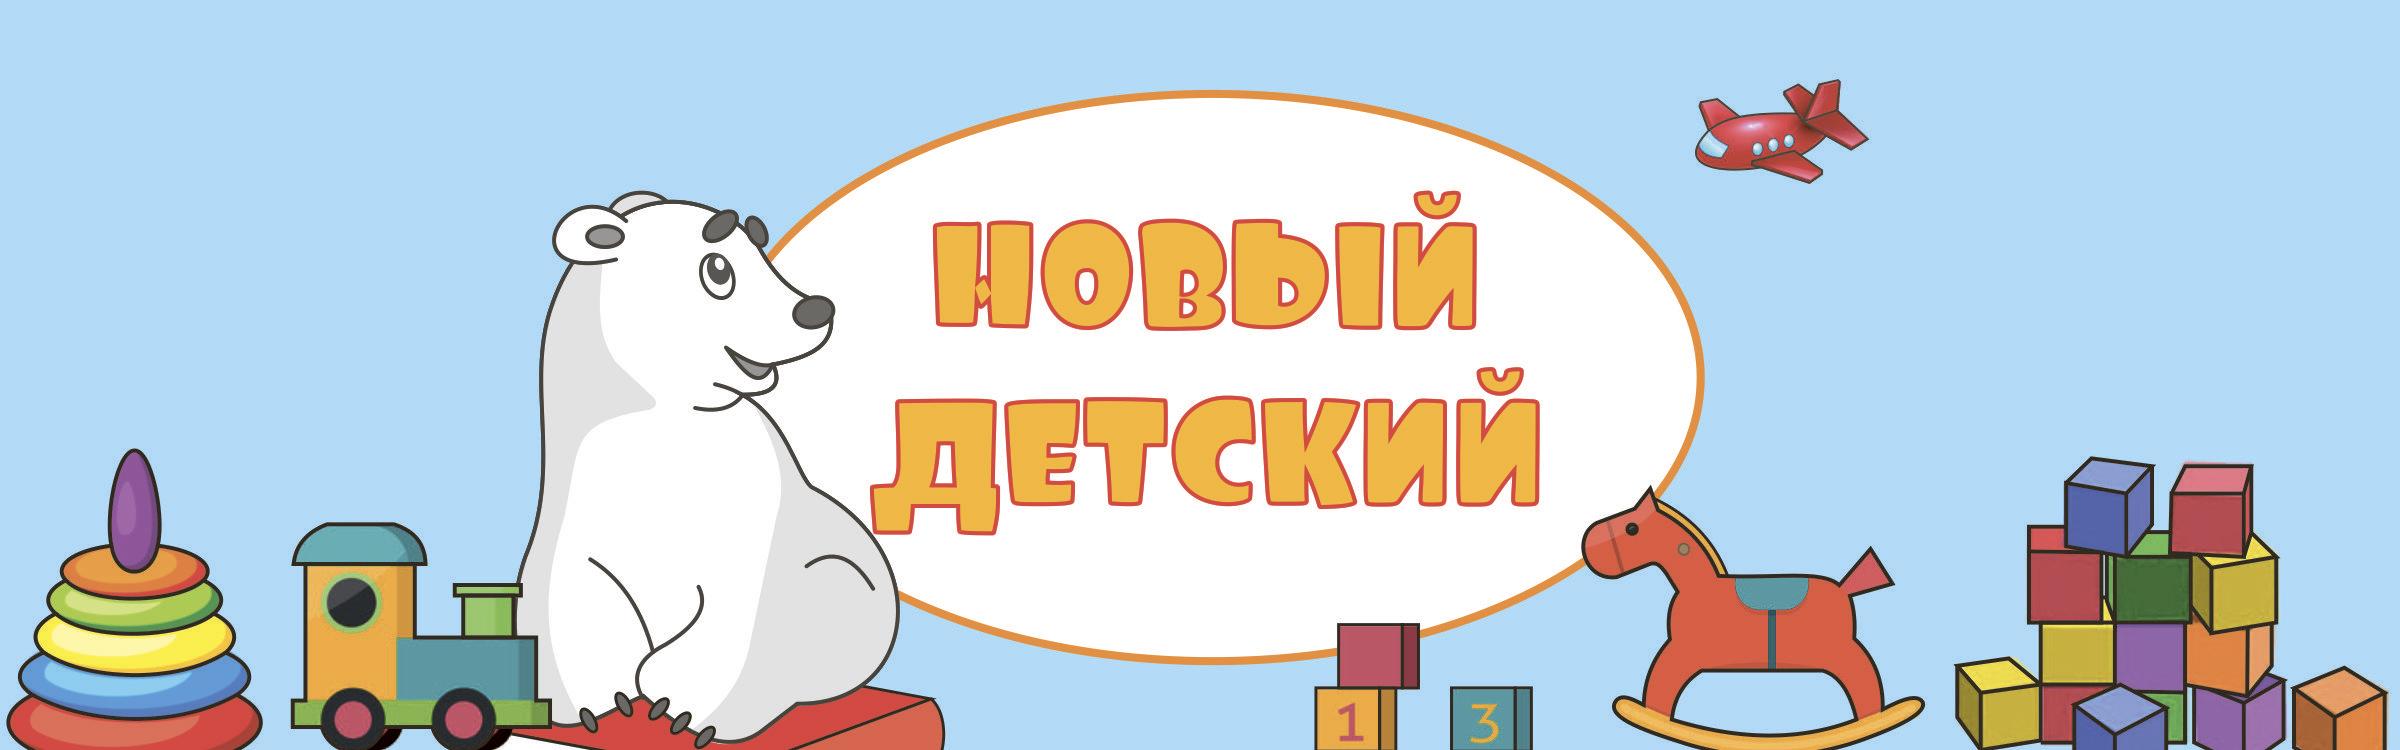 Развивающие игрушки и книги 'Новый детский - Развивающие игрушки и книги' в Смоленске. Главная страница